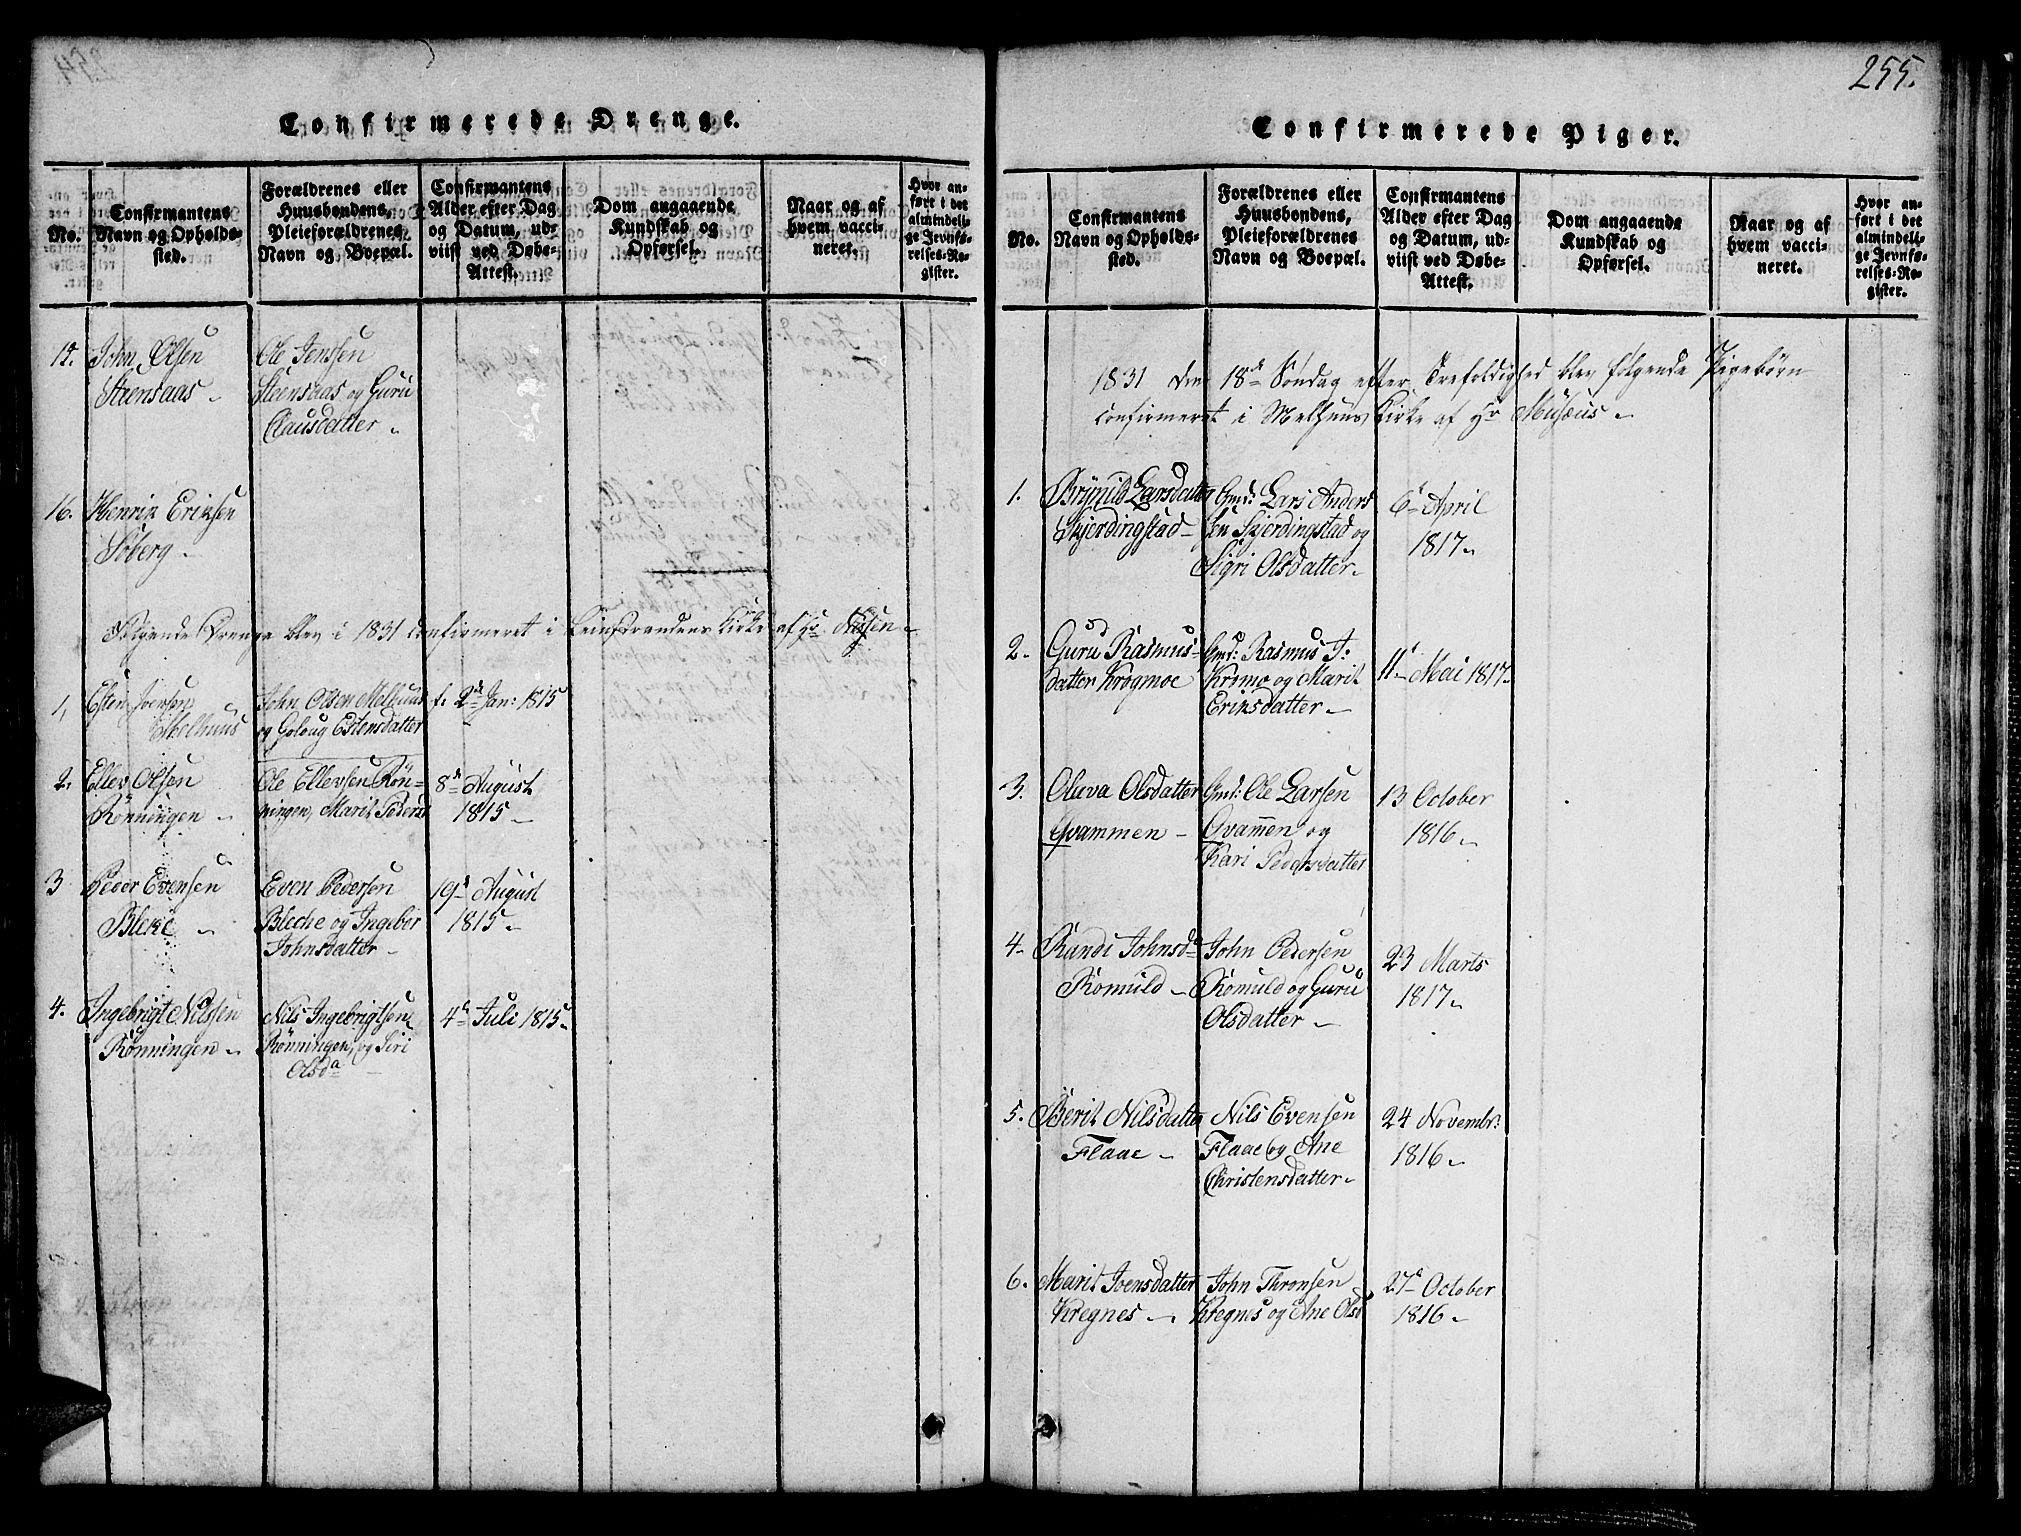 SAT, Ministerialprotokoller, klokkerbøker og fødselsregistre - Sør-Trøndelag, 691/L1092: Klokkerbok nr. 691C03, 1816-1852, s. 255